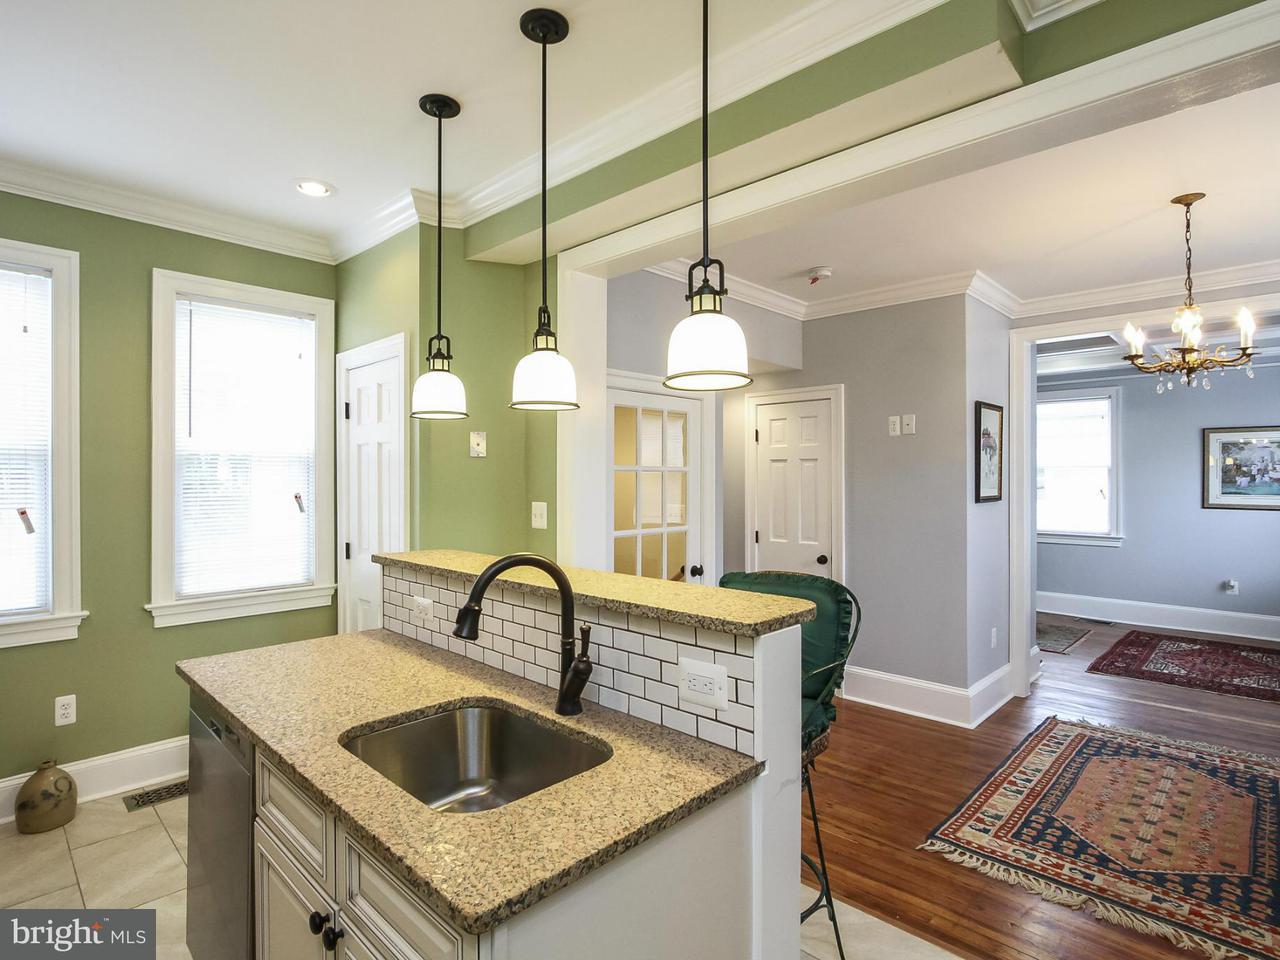 Частный односемейный дом для того Продажа на 2902 SOUTH DAKOTA AVE NE 2902 SOUTH DAKOTA AVE NE Washington, Округ Колумбия 20018 Соединенные Штаты